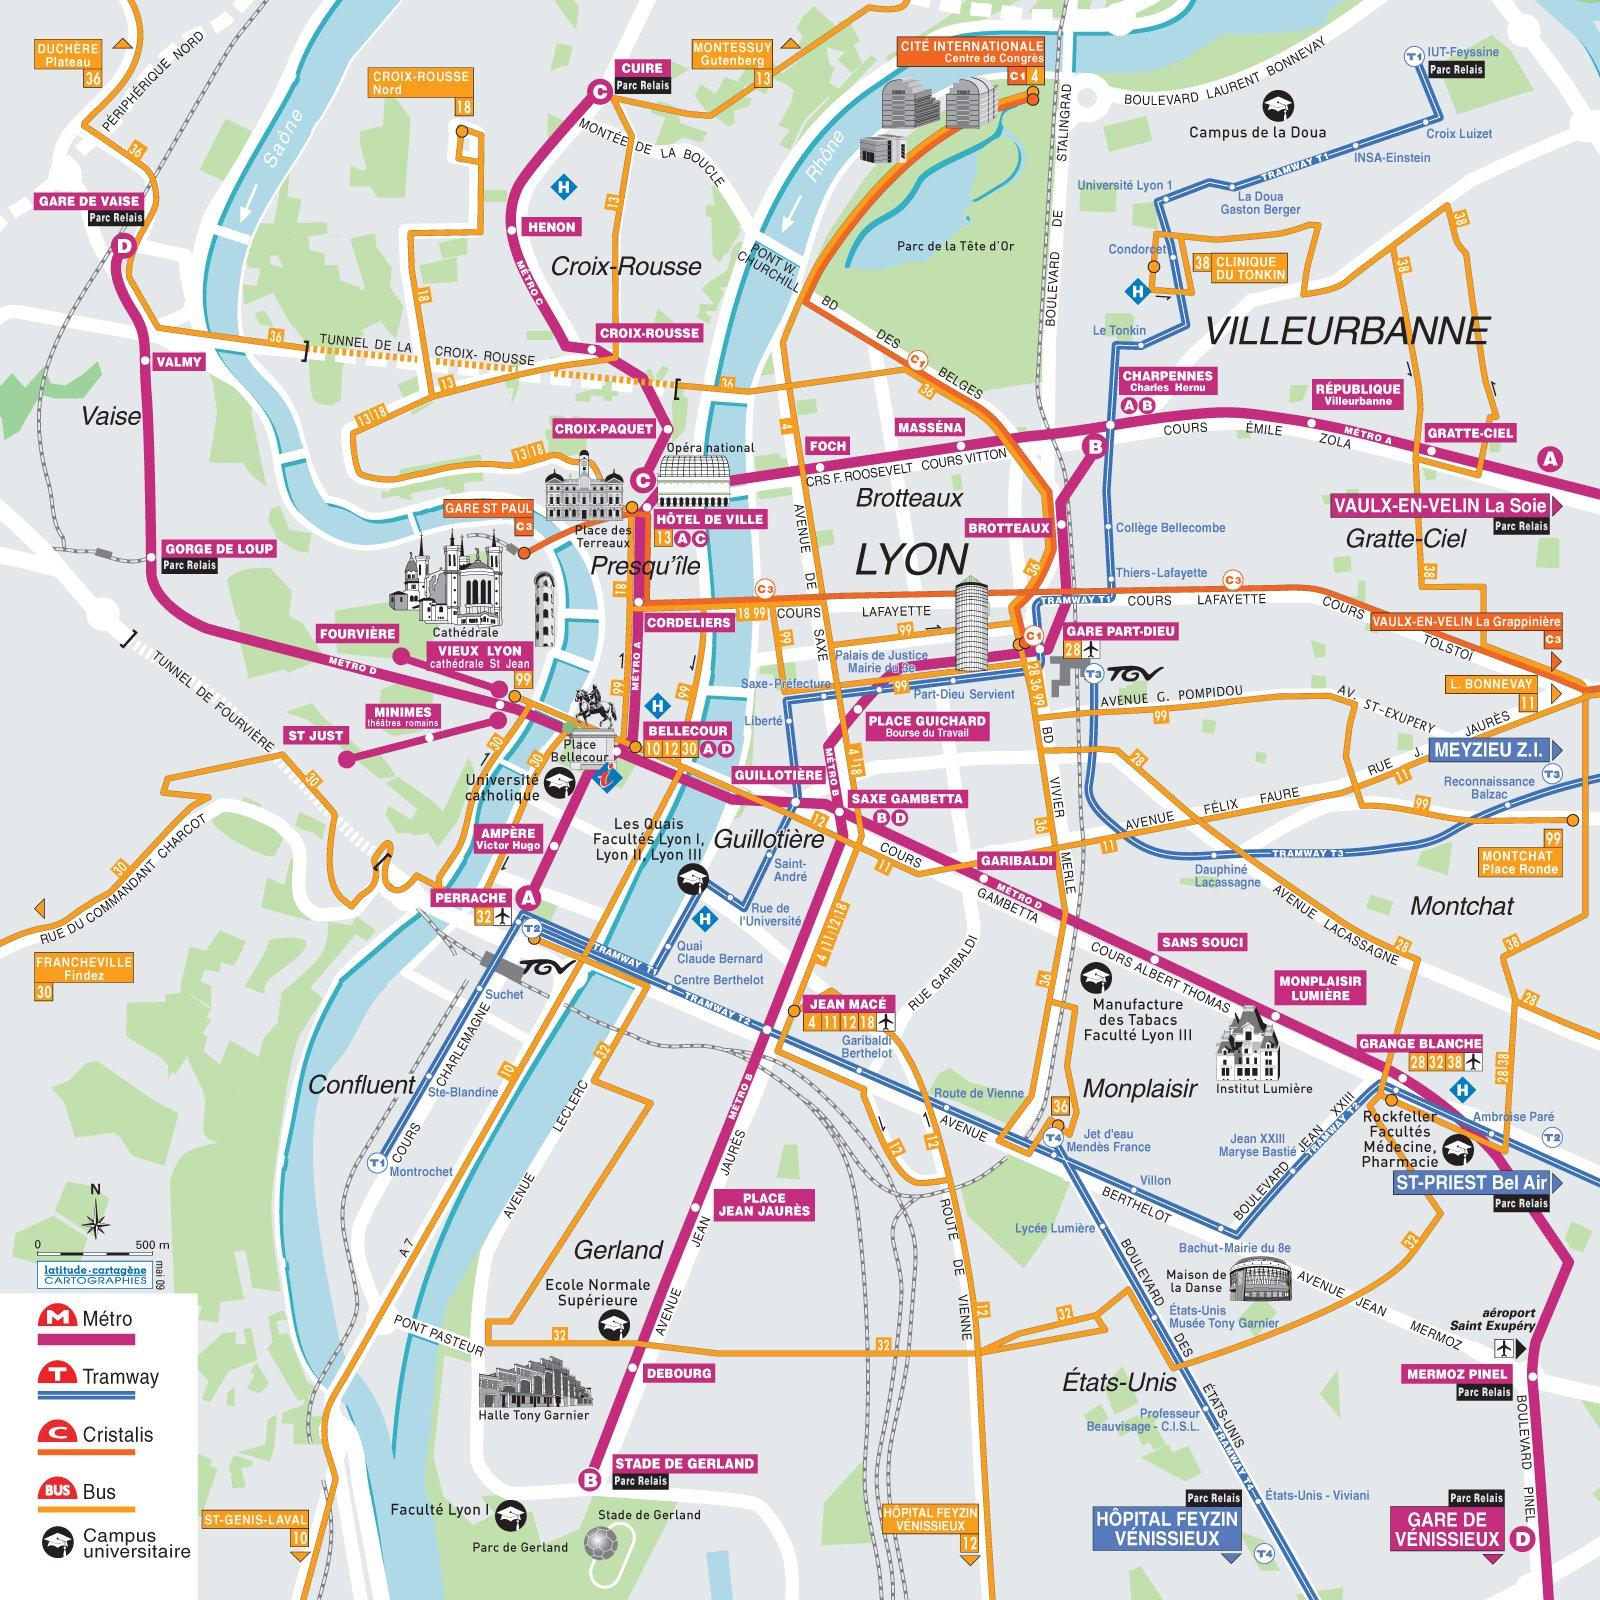 Схема метро Лиона.